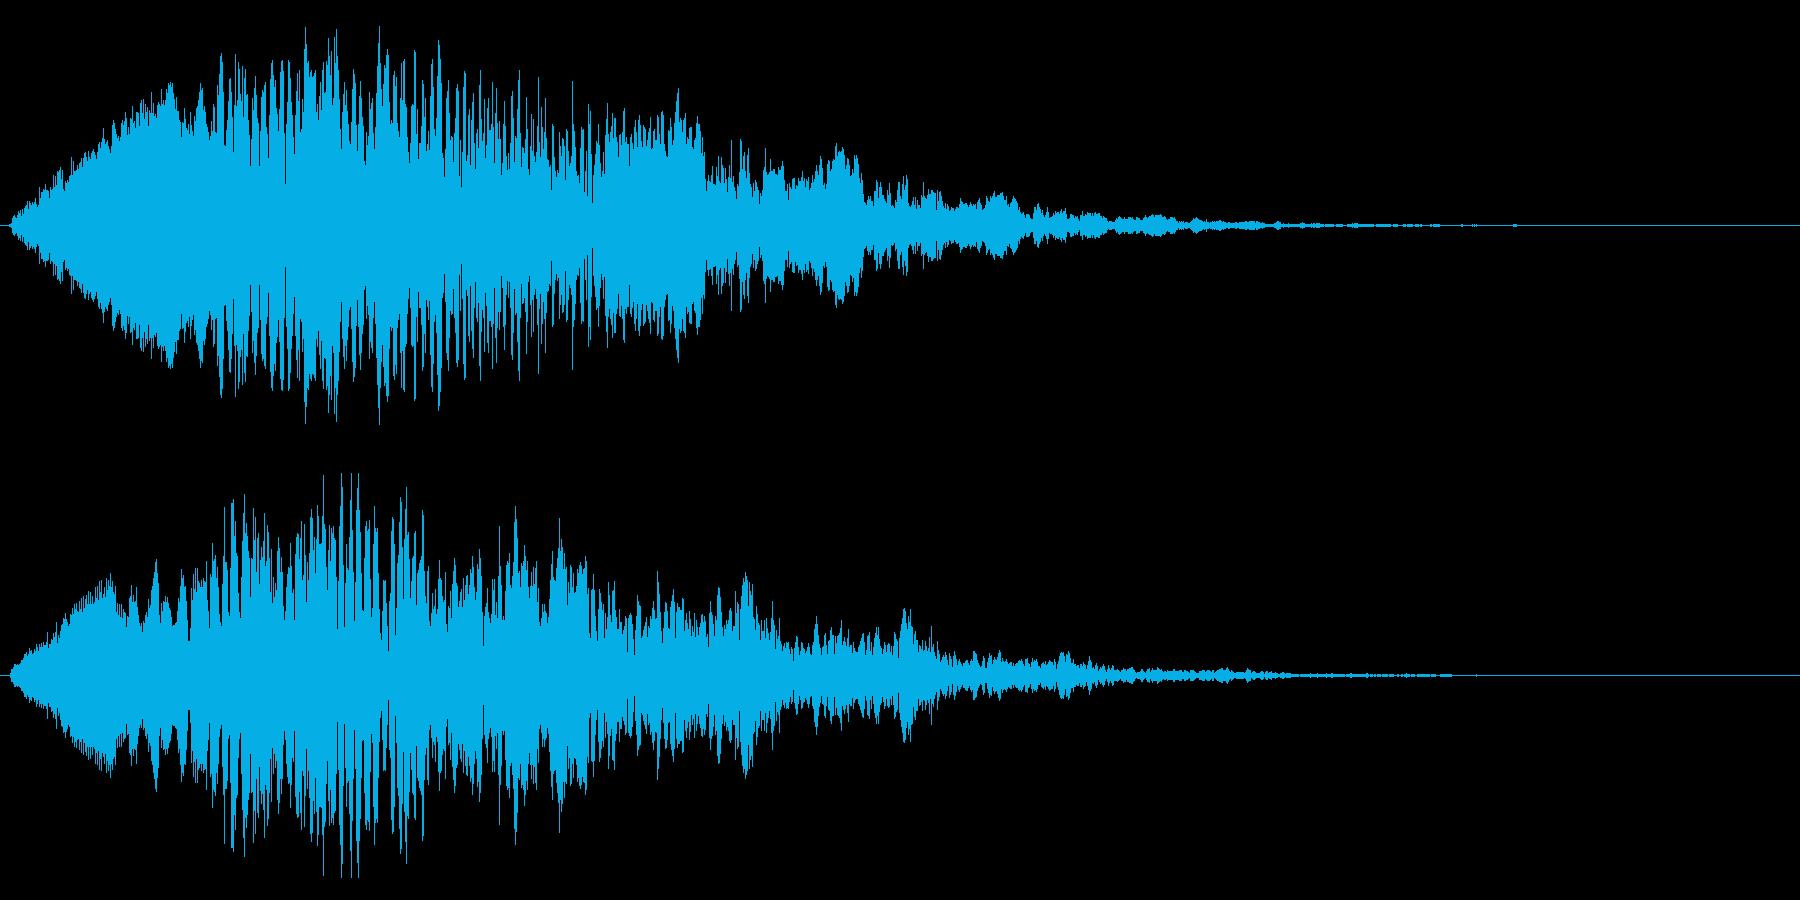 フォーン(近未来的なワープ音)の再生済みの波形